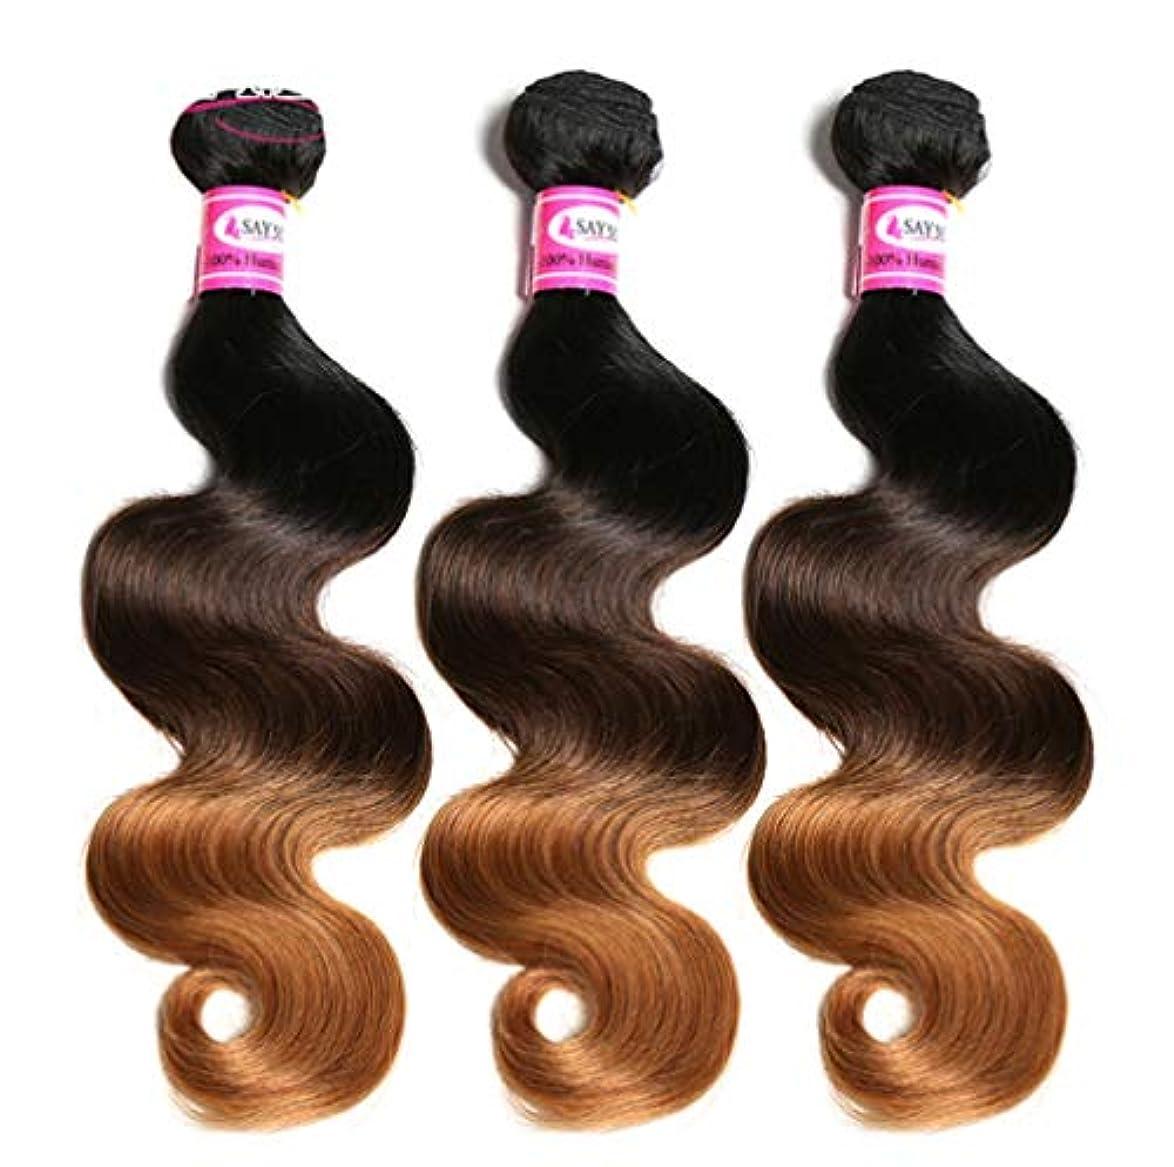 ショップ促進するくそー100%ブラジル人毛束ボディウェーブ毛束オンブル人毛束織りグラデーション(3束)